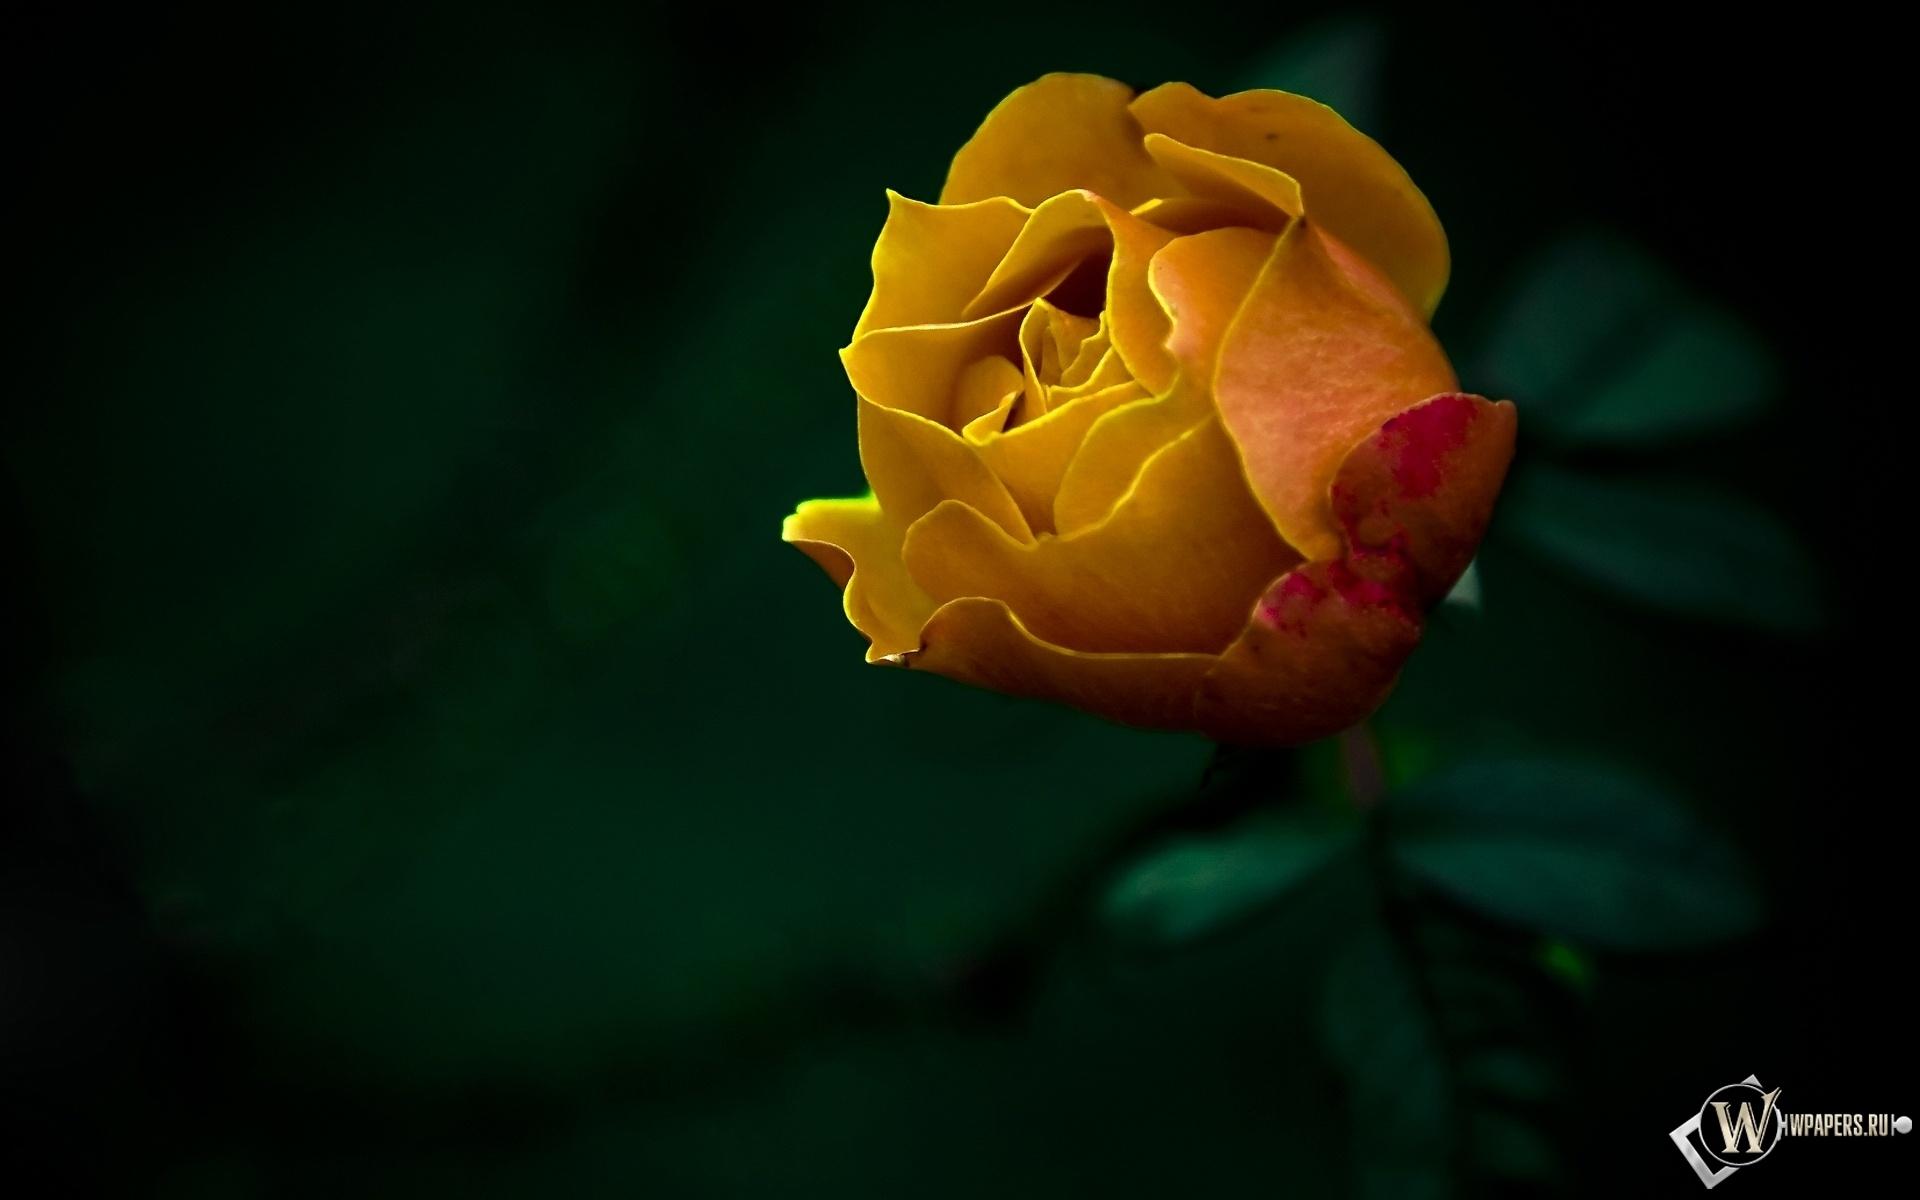 Жёлтая роза 1920x1200